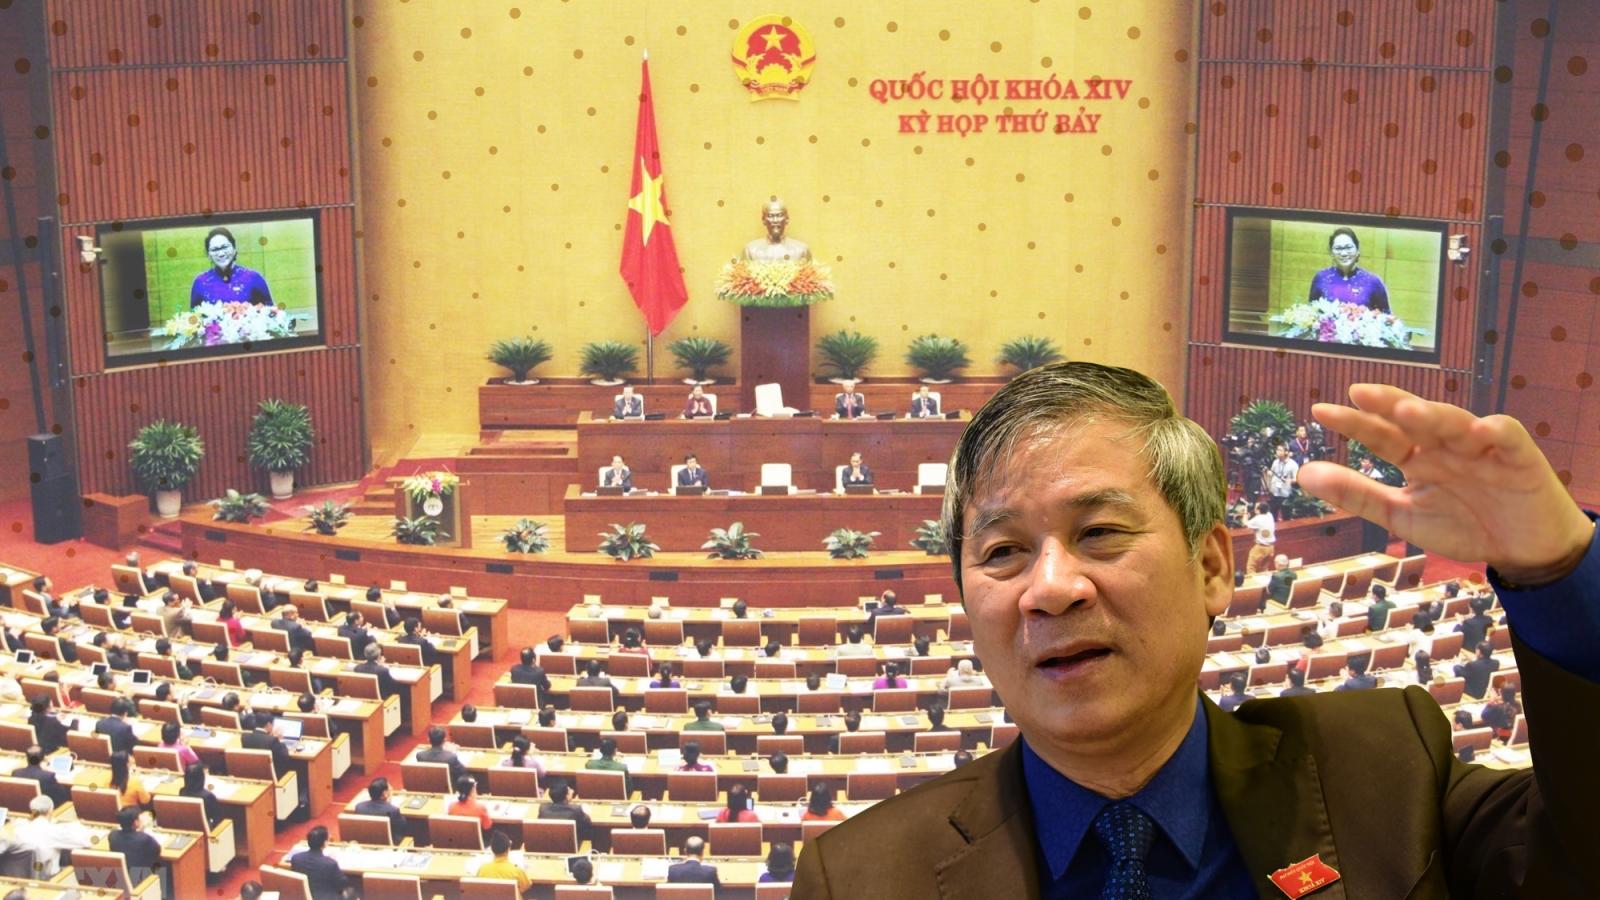 """GS. AHLĐ Nguyễn Anh Trí: """"Tôi mong muốn vào Quốc hội không phải vì vụ lợi hay chức tước"""""""